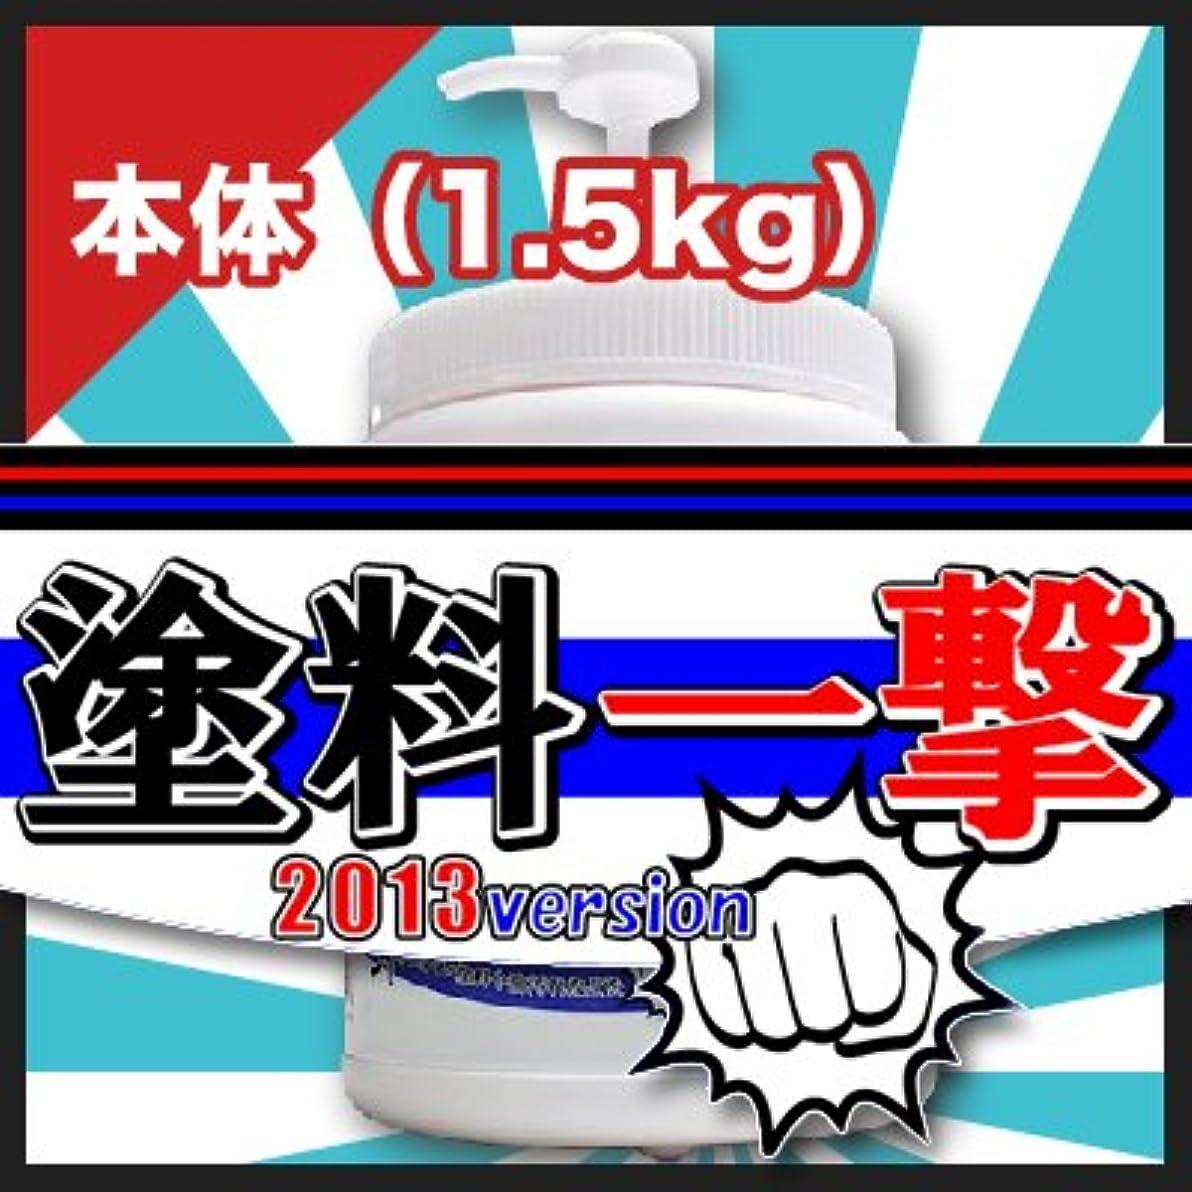 まだらデンマーク語祈りD.Iプランニング 塗料一撃 2013 Version 本体 (1.5kg)